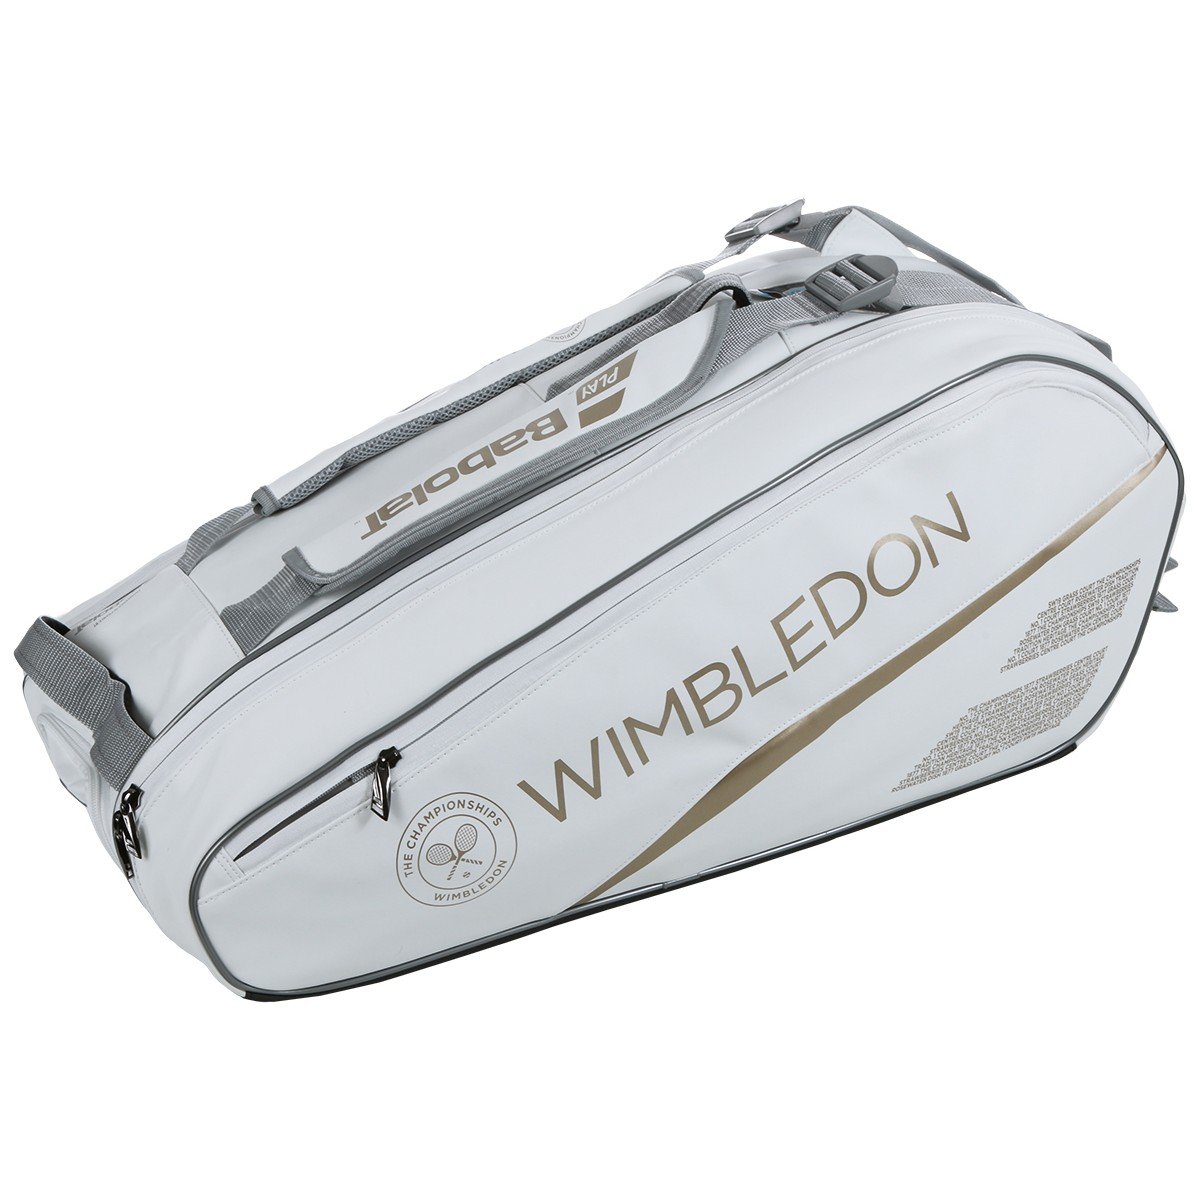 Wimbledon Babolat Pure SacsTennispro Sac Tennis 6 De f6IYyv7gb